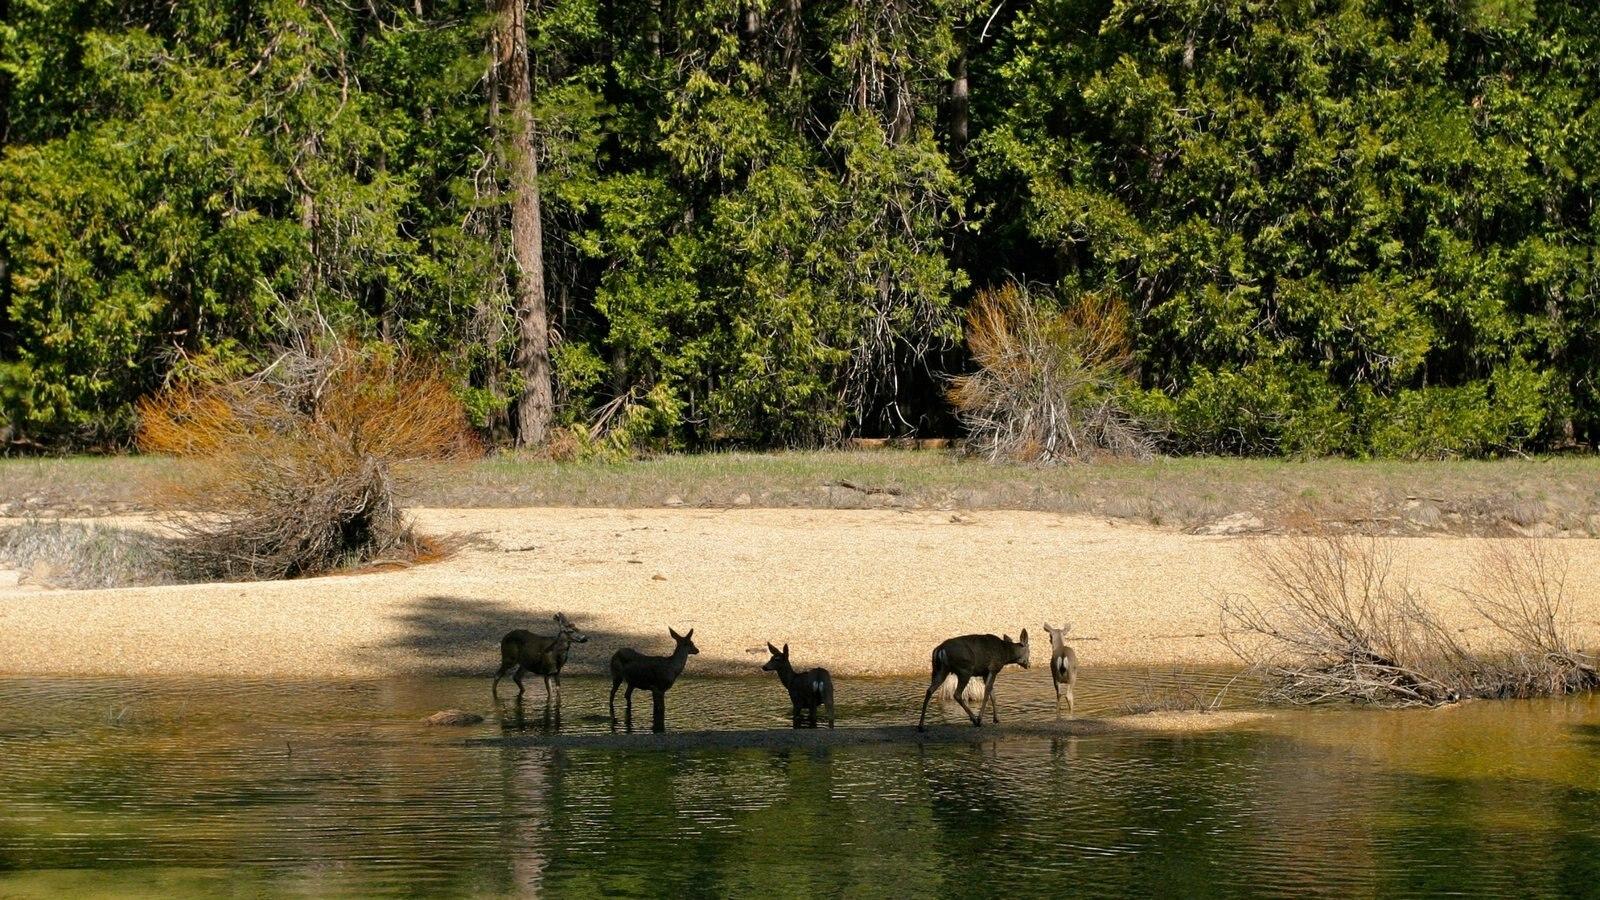 Yosemite Valley que inclui paisagem, cenas de floresta e animais terrestres